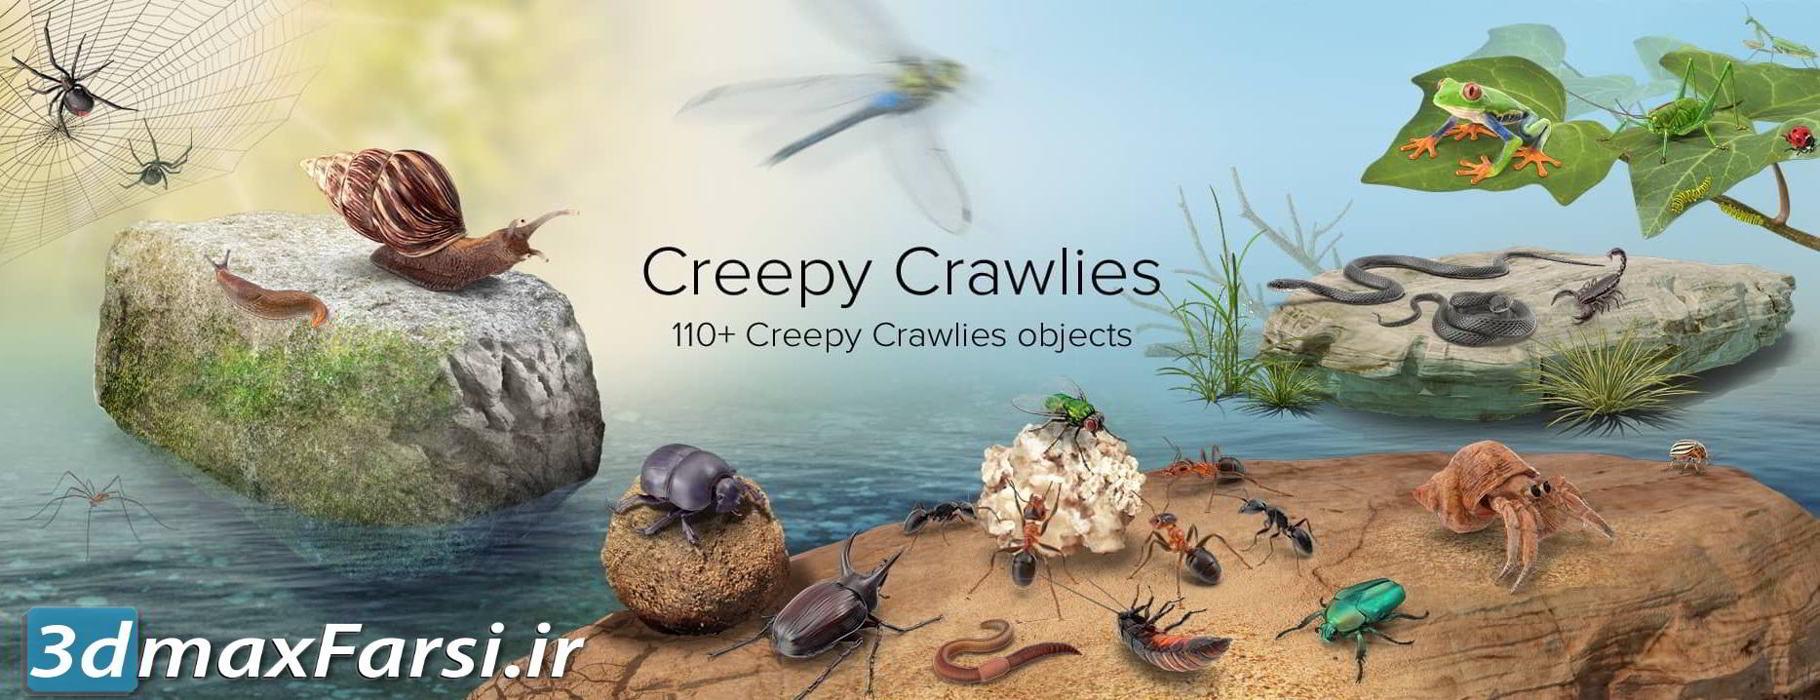 عکس گرافیکی خزنده PixelSquid – Creepy Crawlies Collection